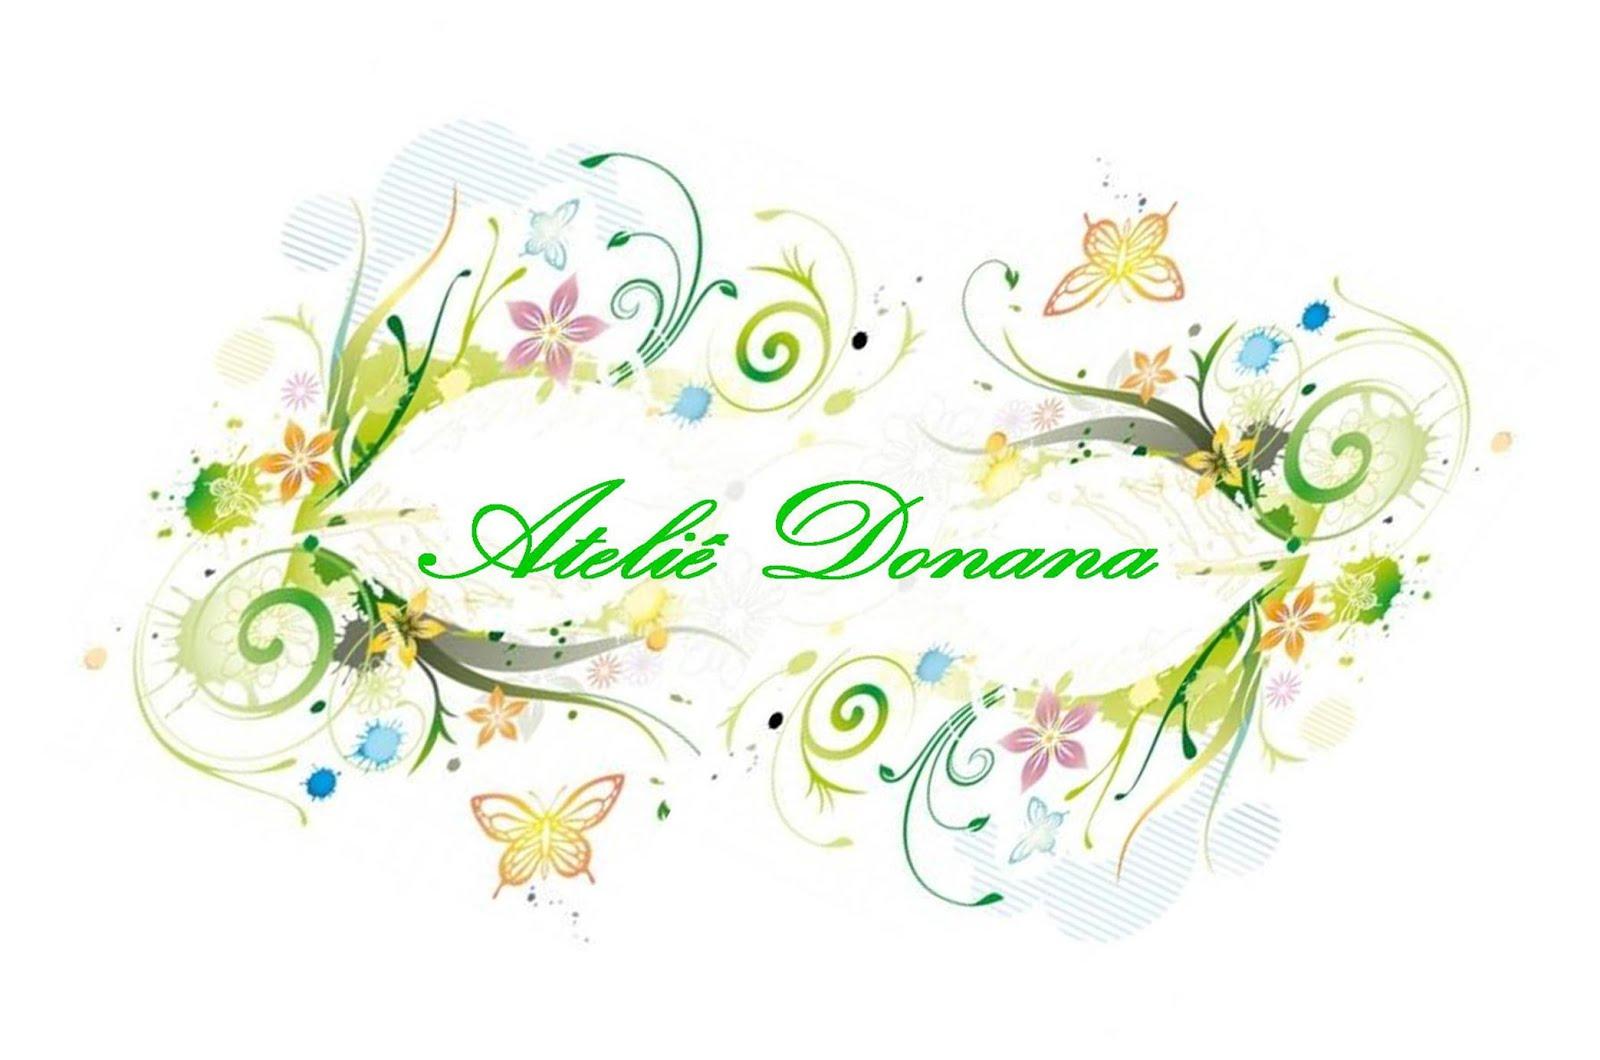 Ateliê Donana